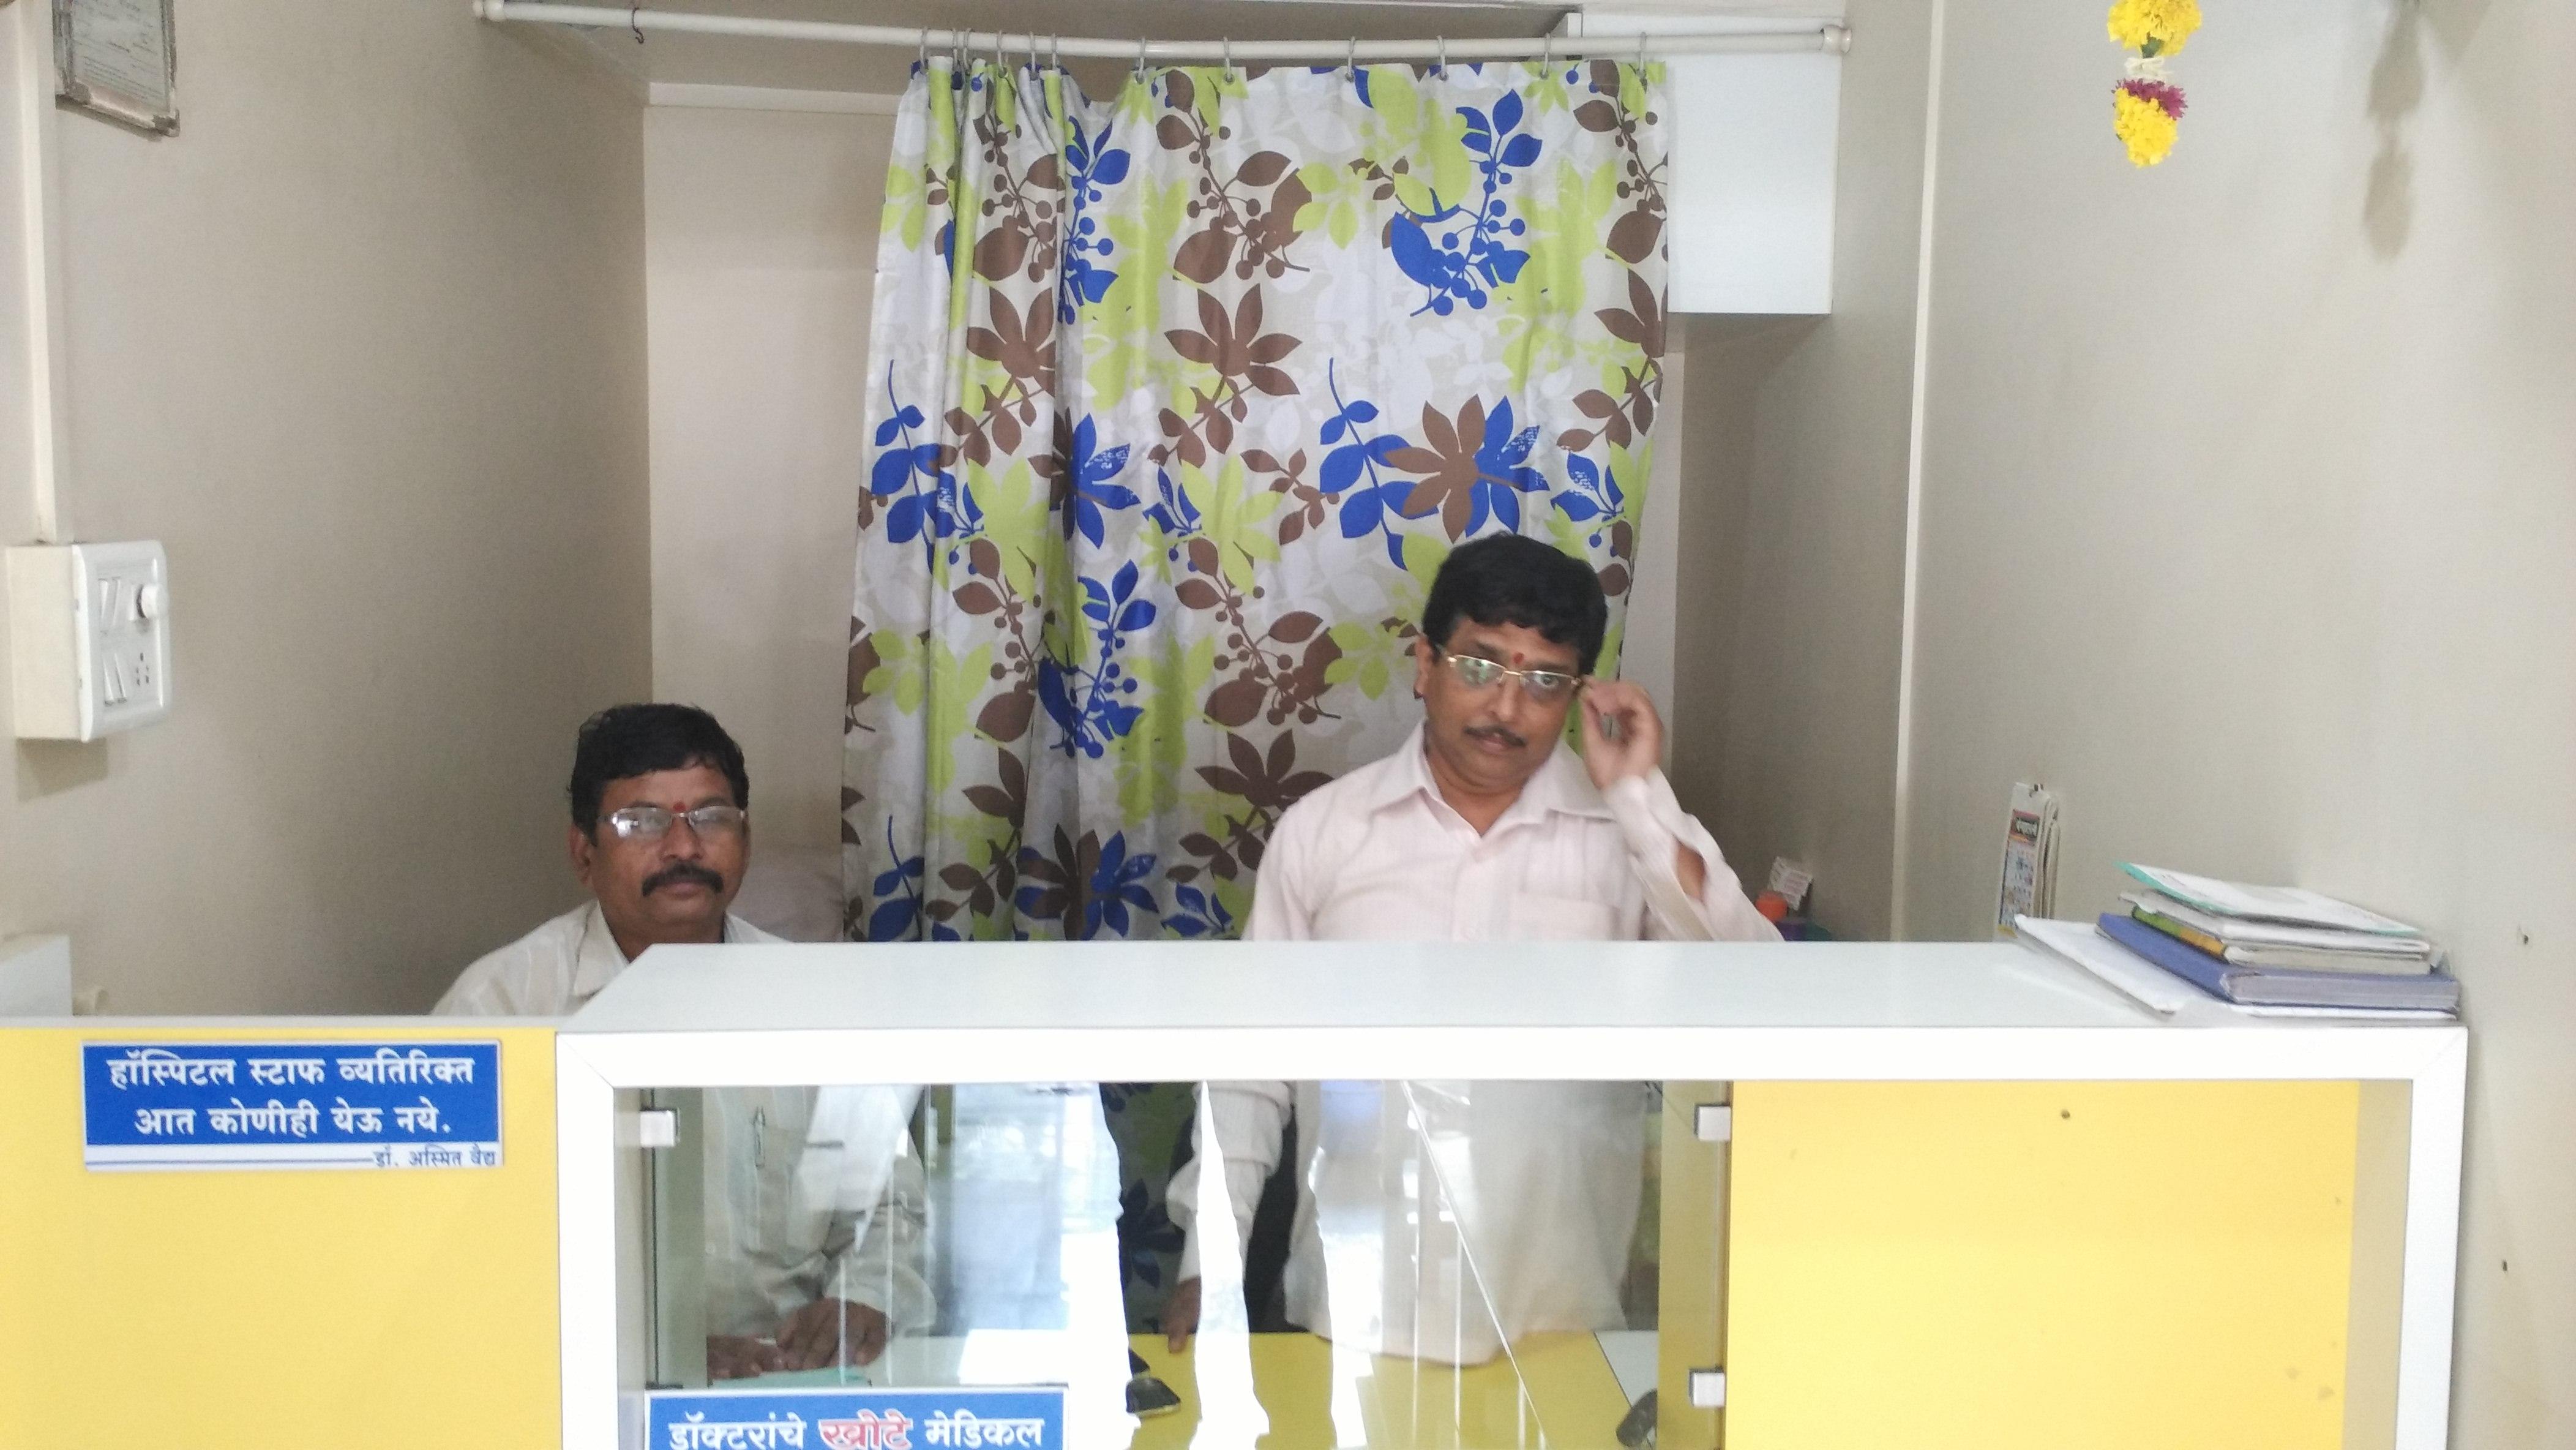 Chandralok Hospital|bibwewadi,Pune